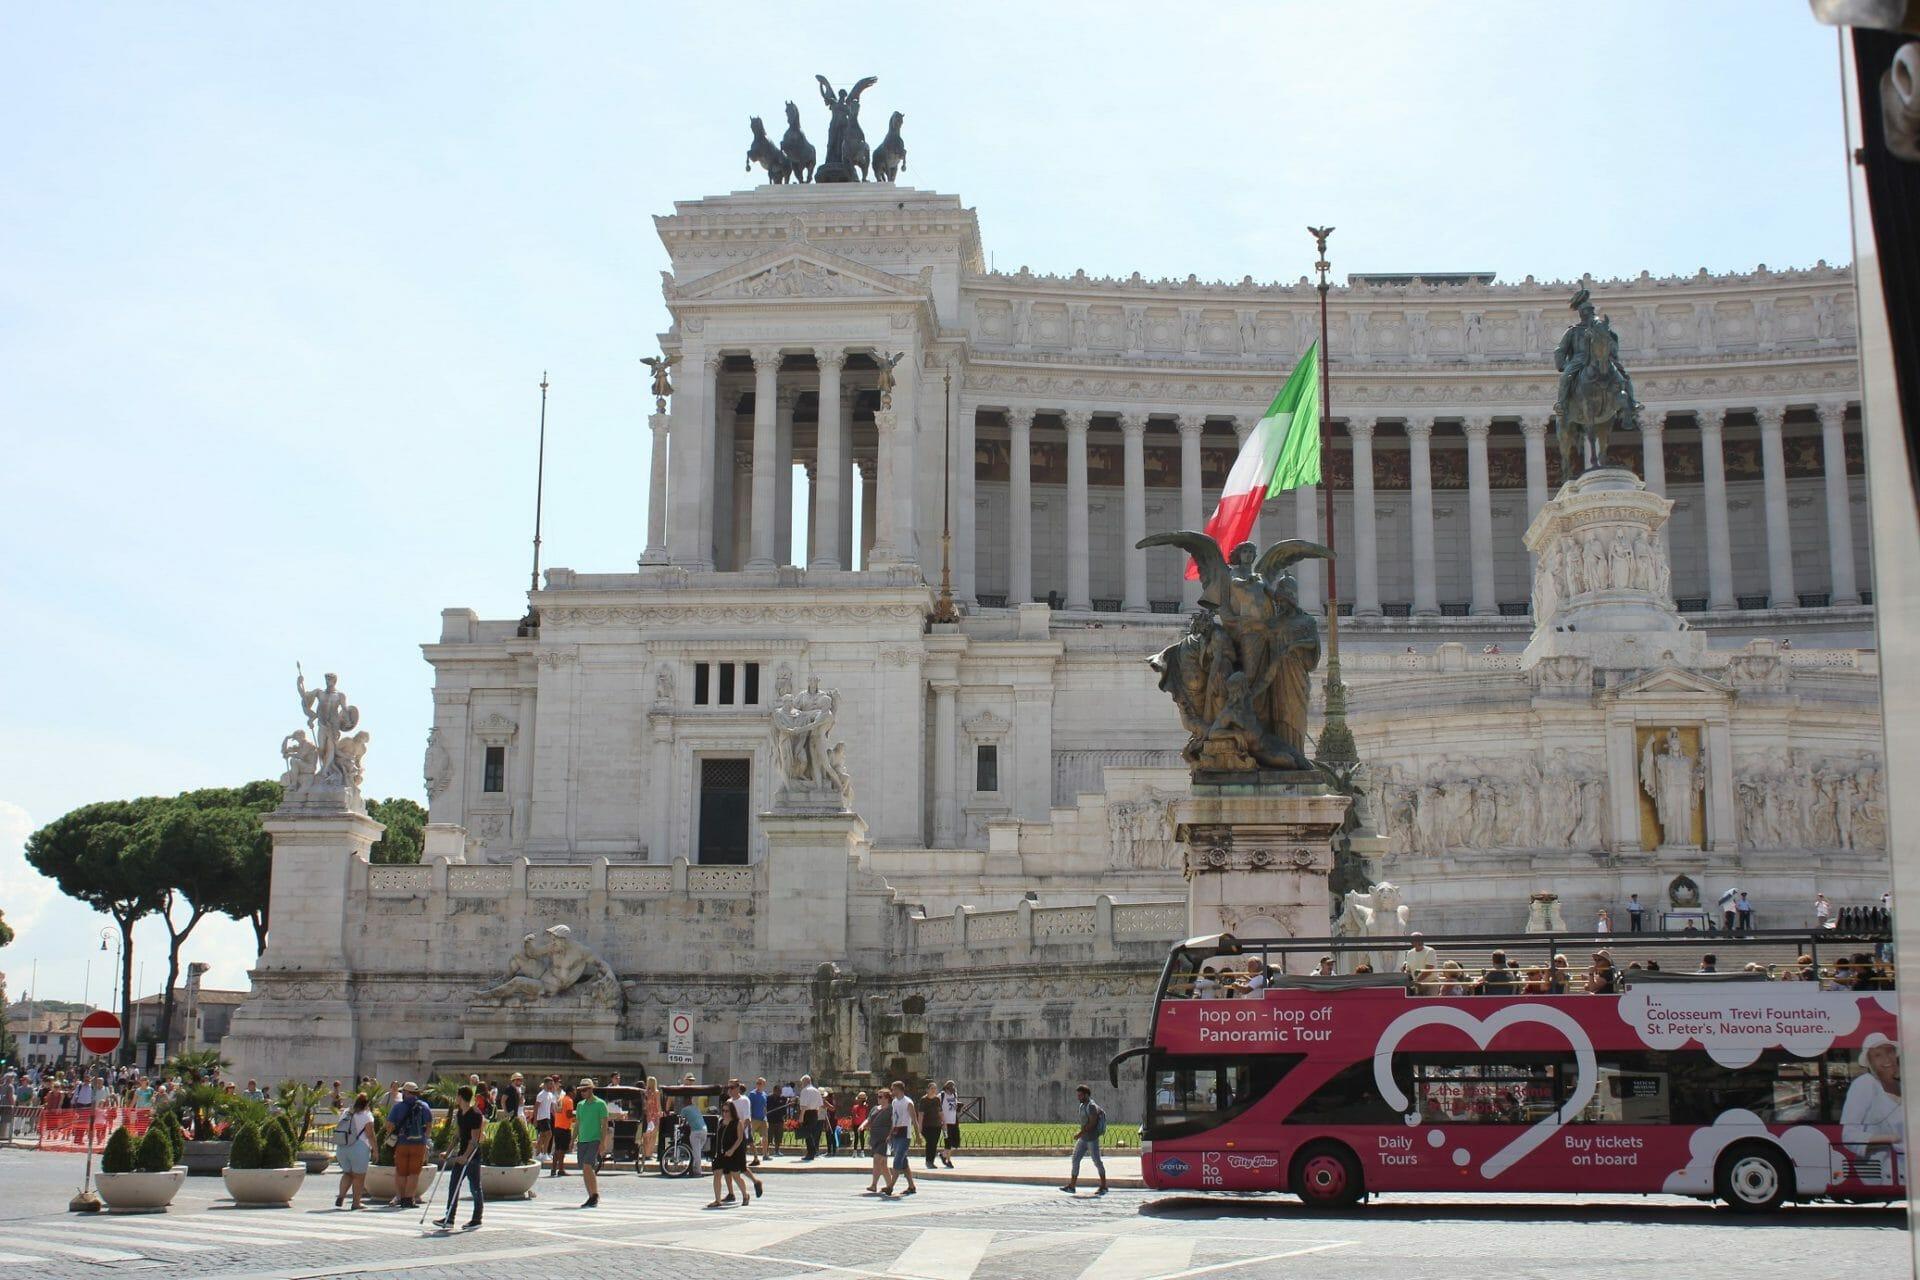 hop on hop off Rome bus tour